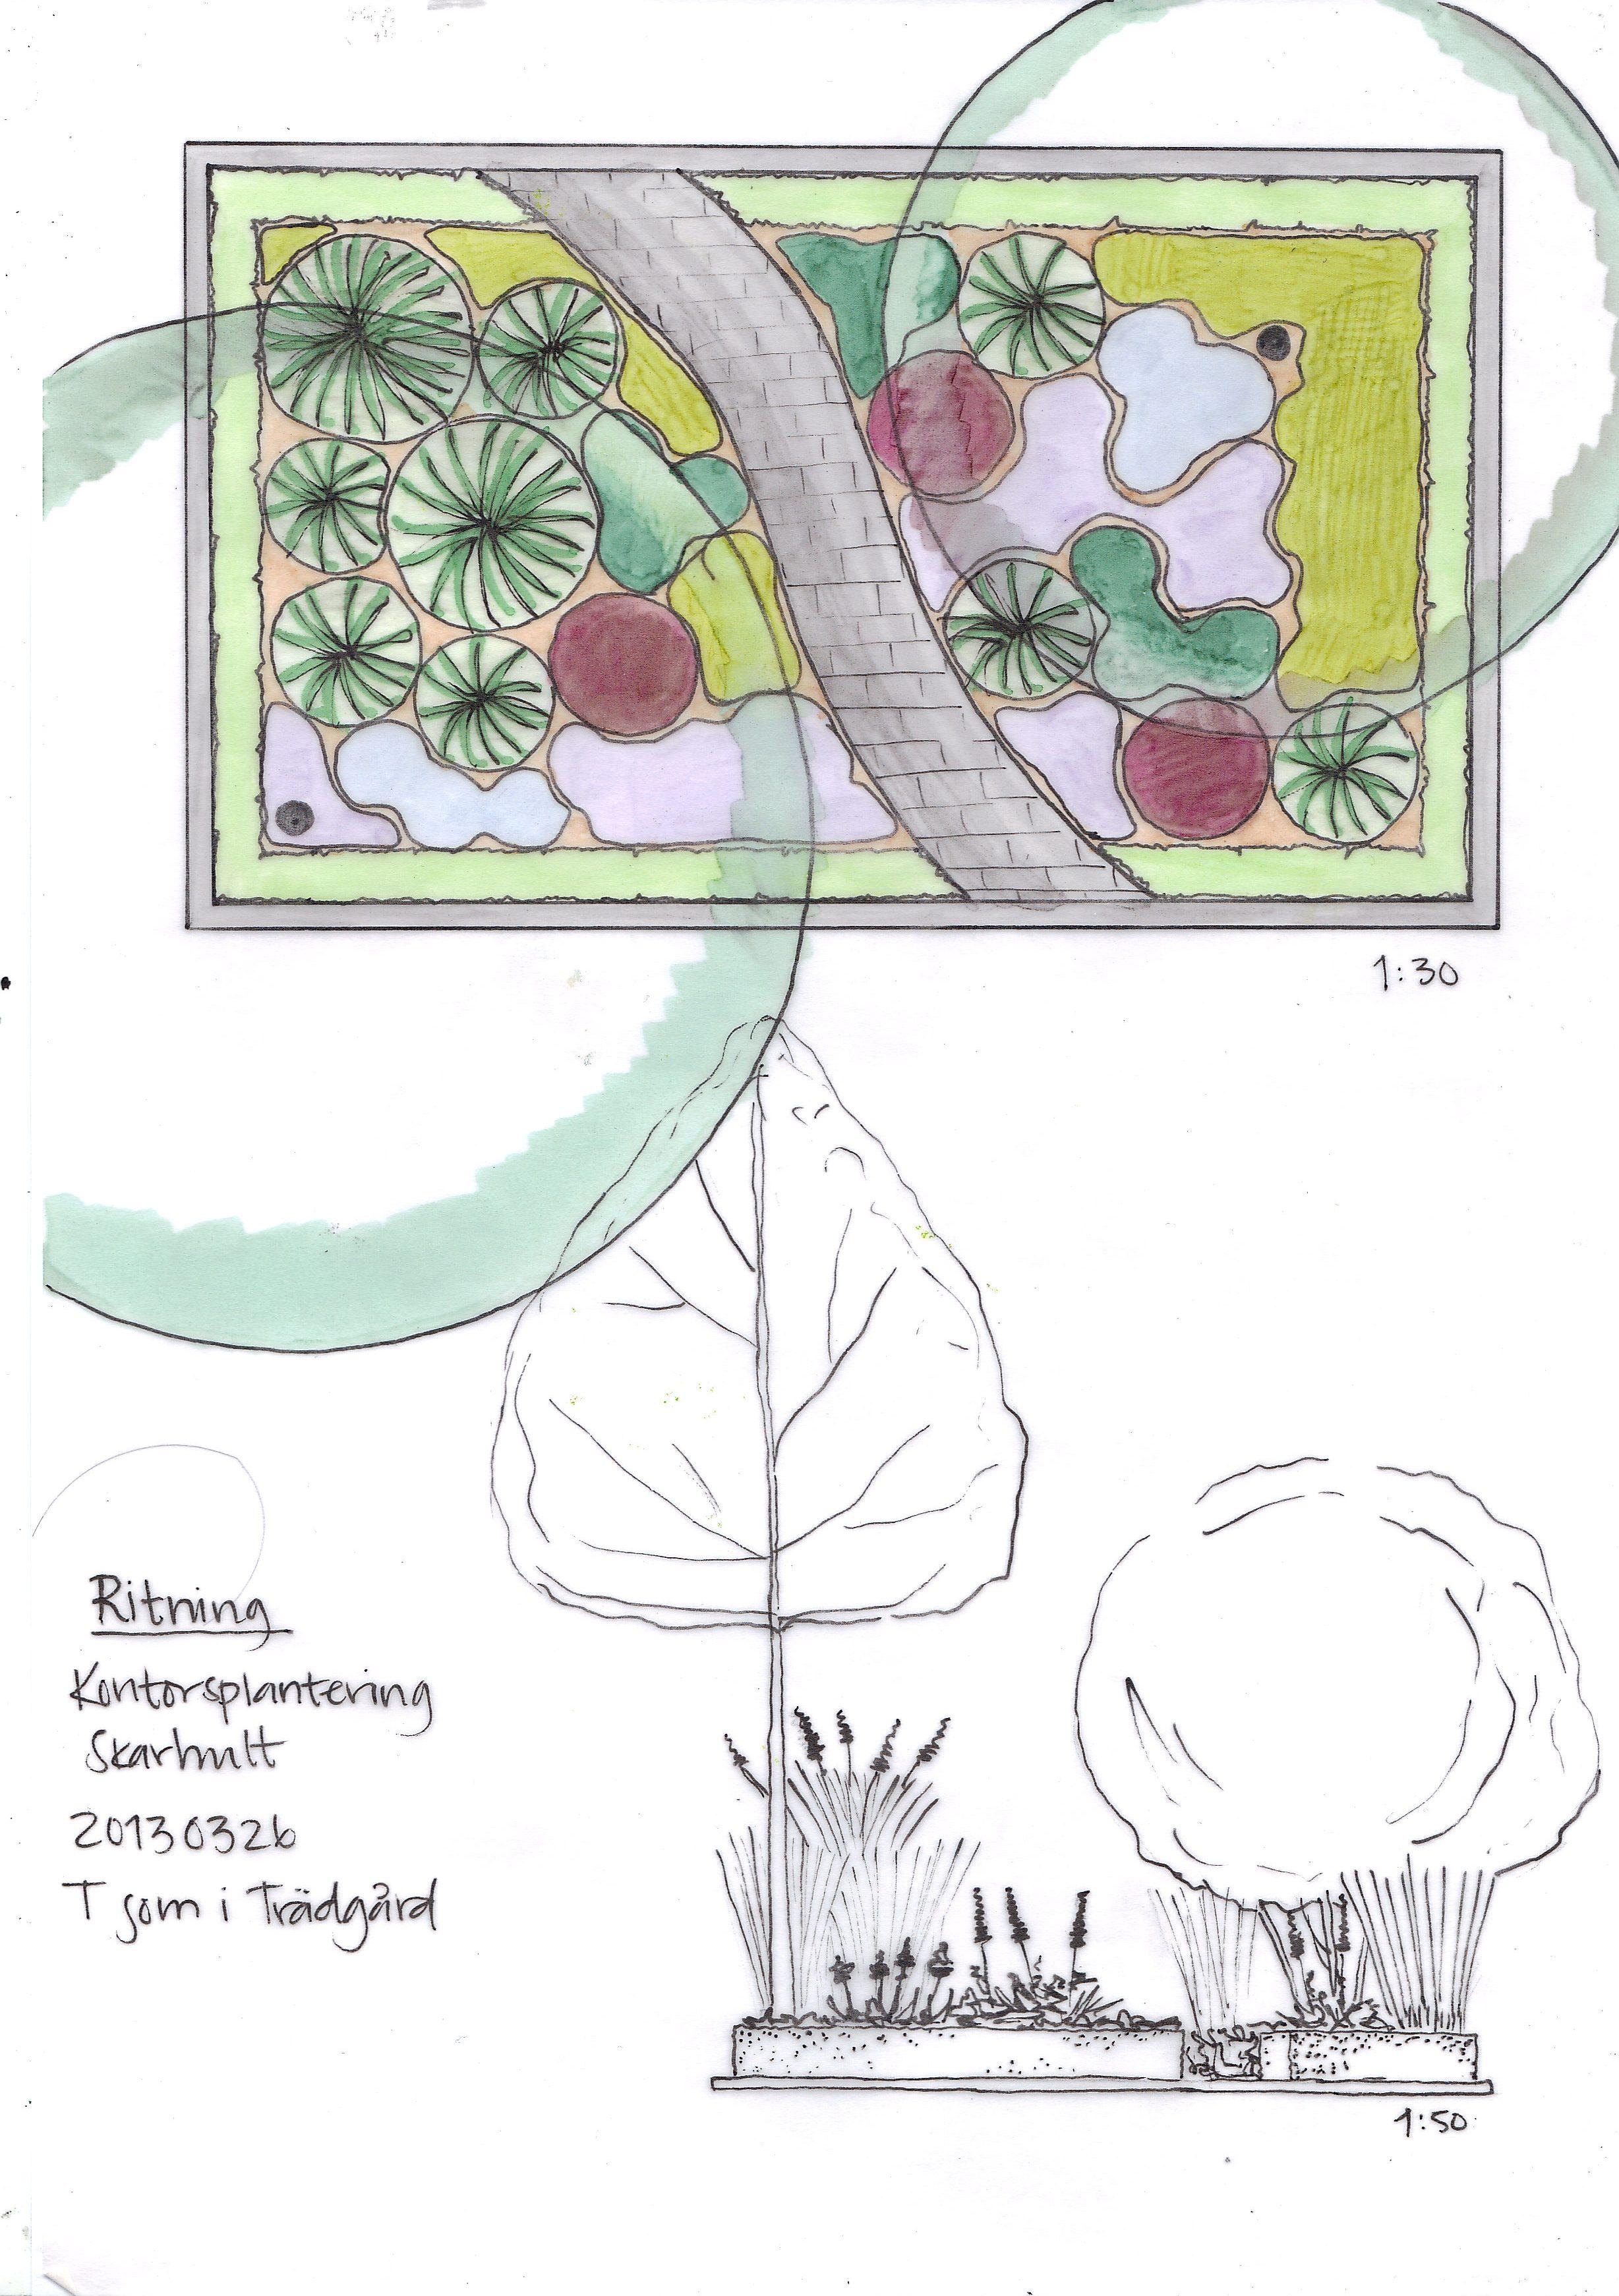 Trädgårdsdesign, Trädgårdsarkitektur, Företagsentré, entréträdgård